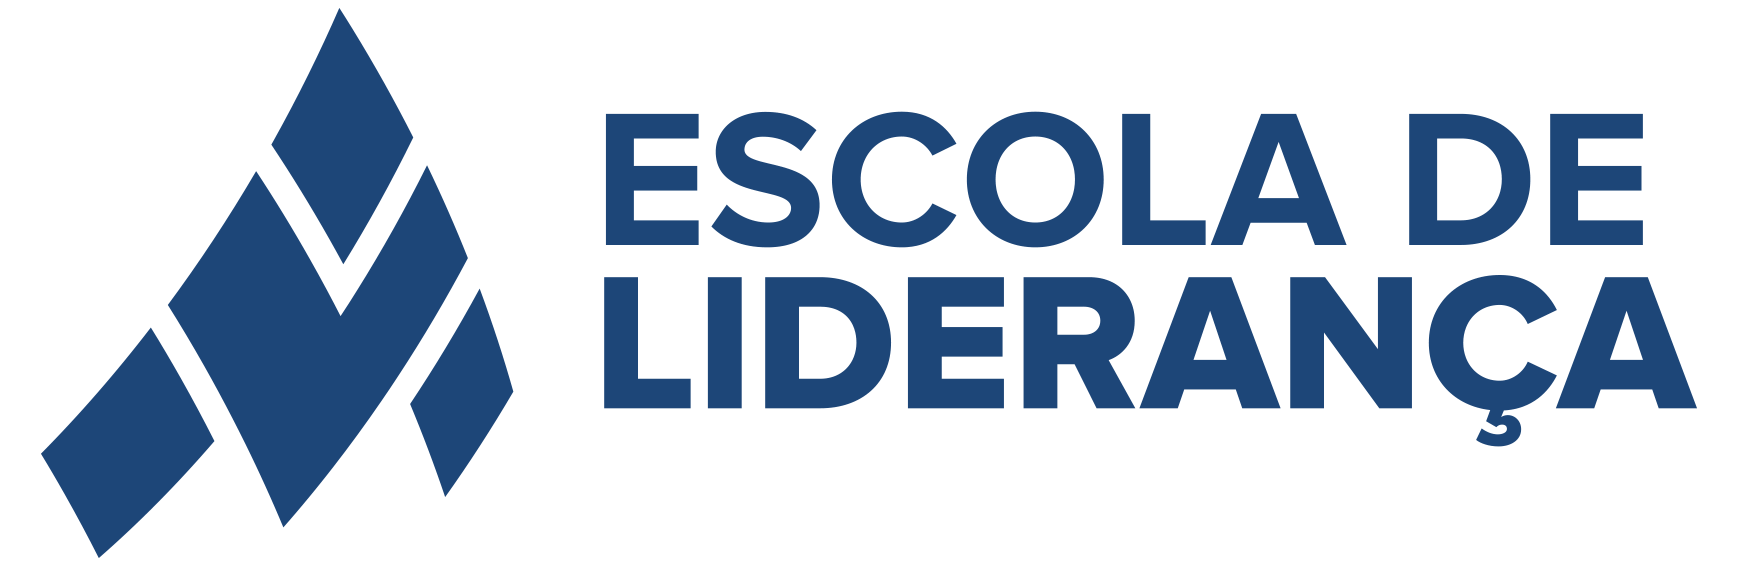 Escola de Liderança